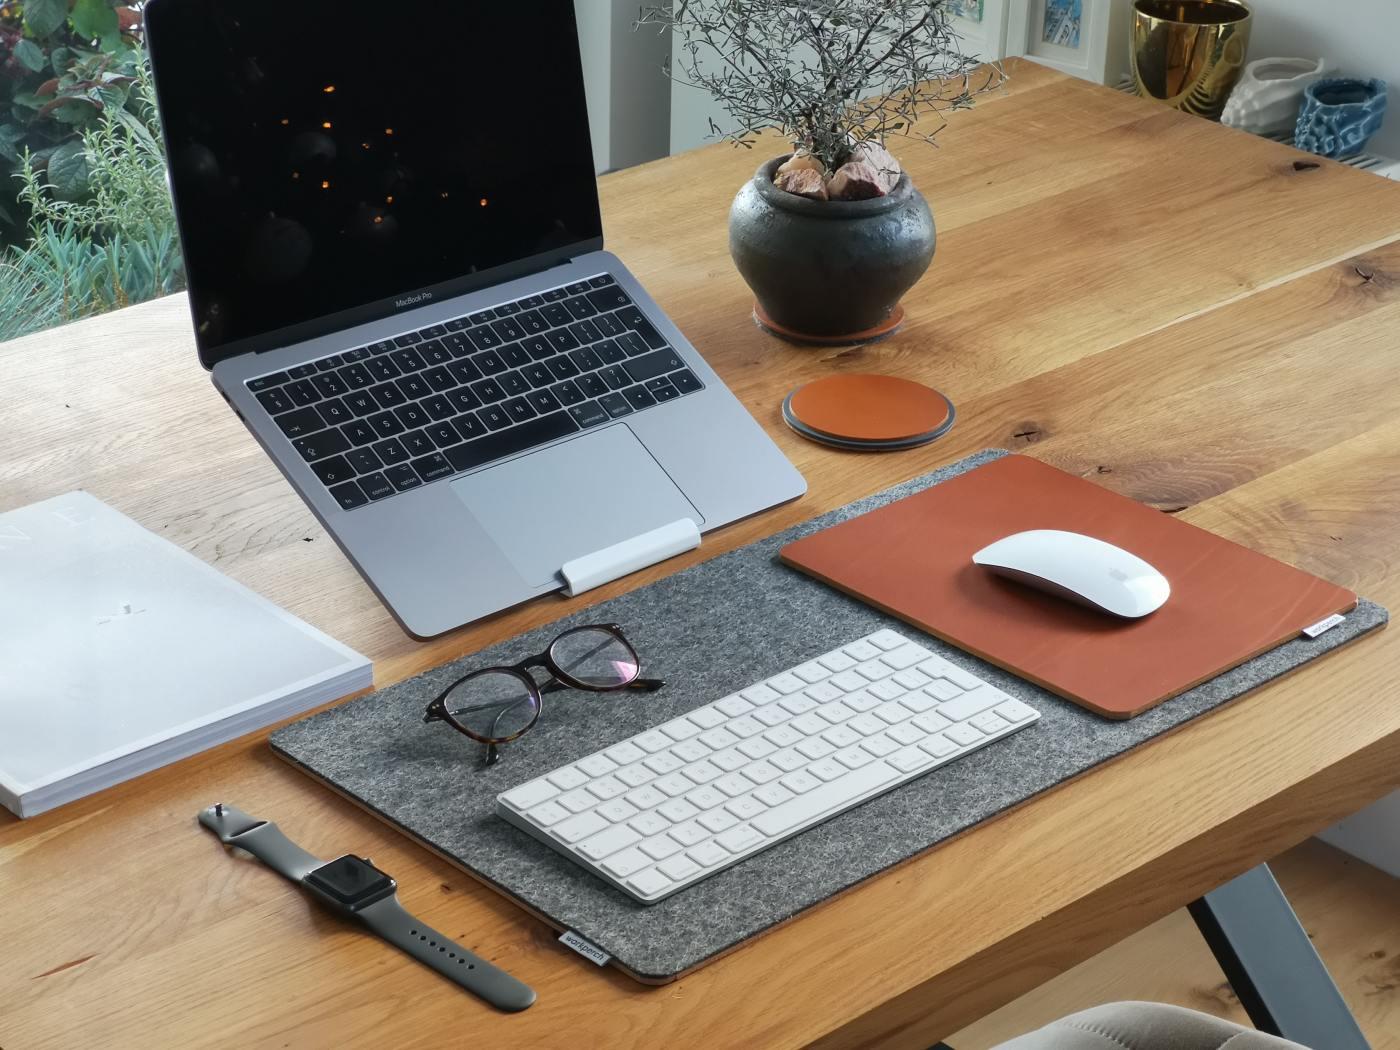 Scrivania da lavoro arredata con pc, sottomano e tanto altro